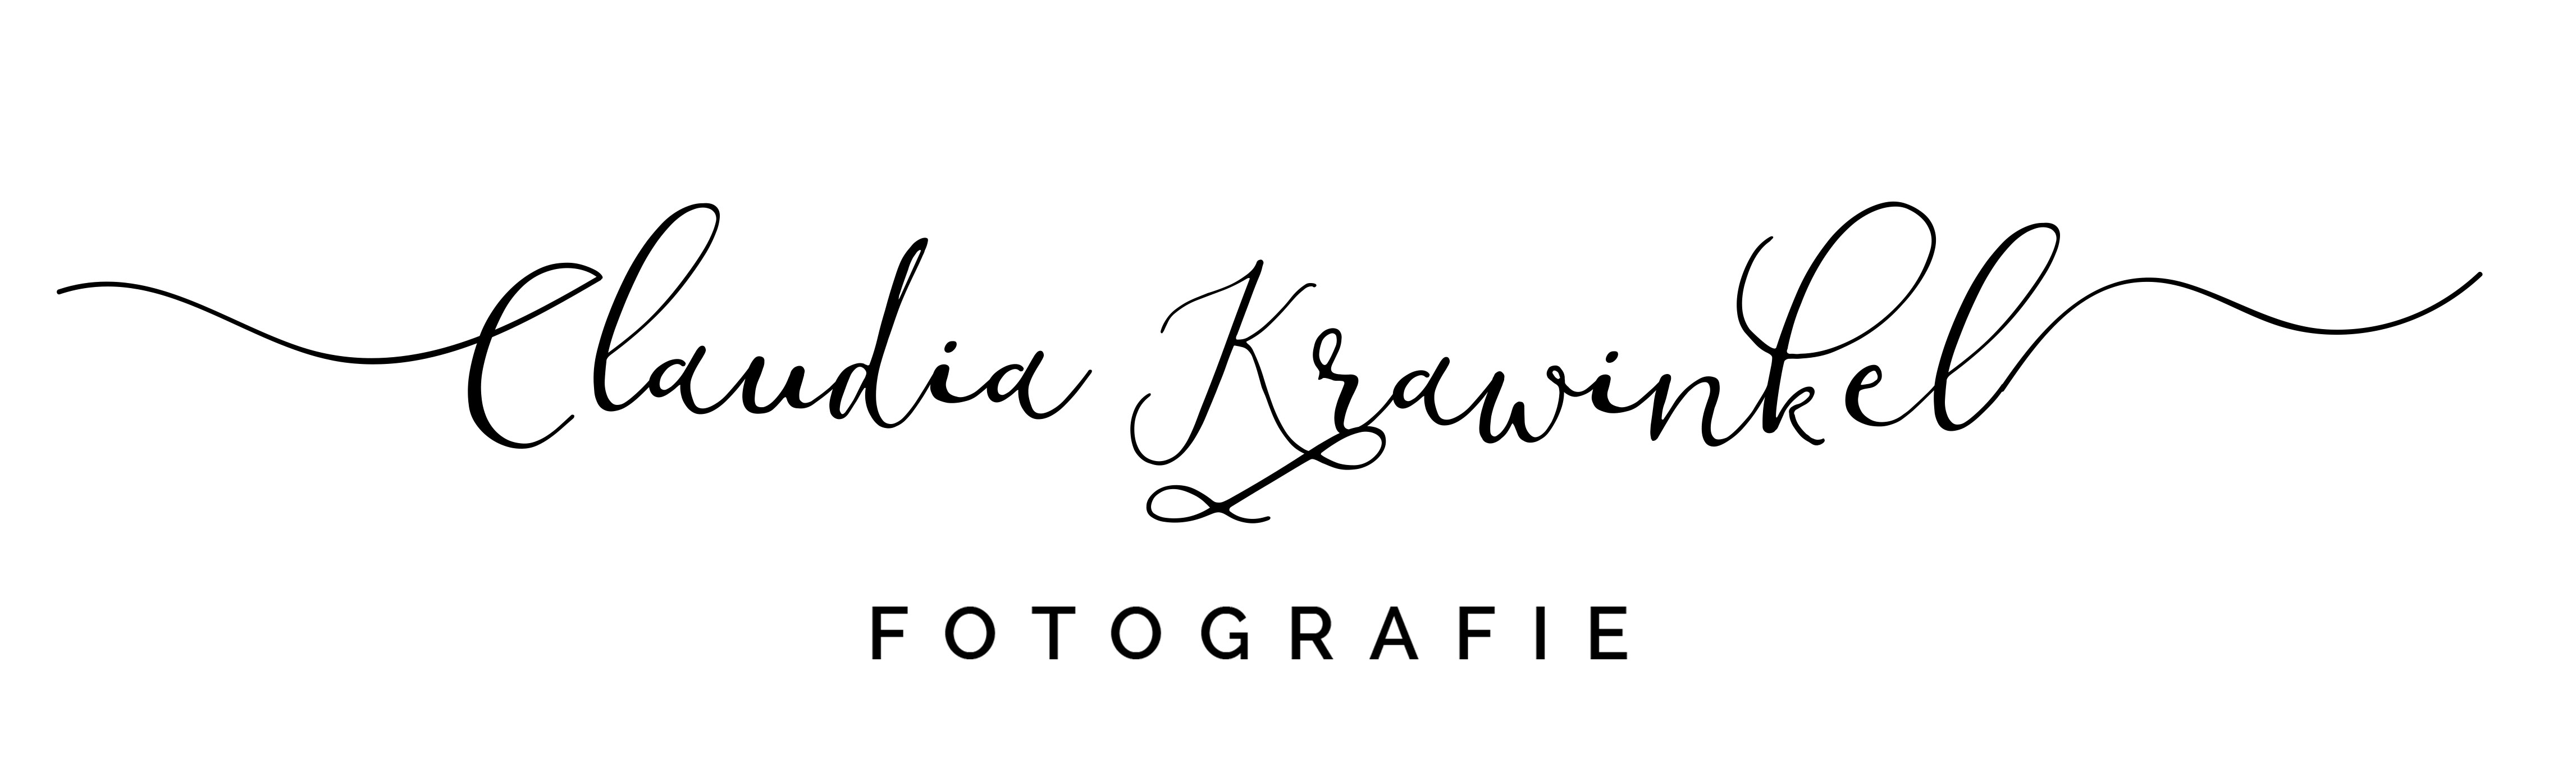 Claudia Krawinkel